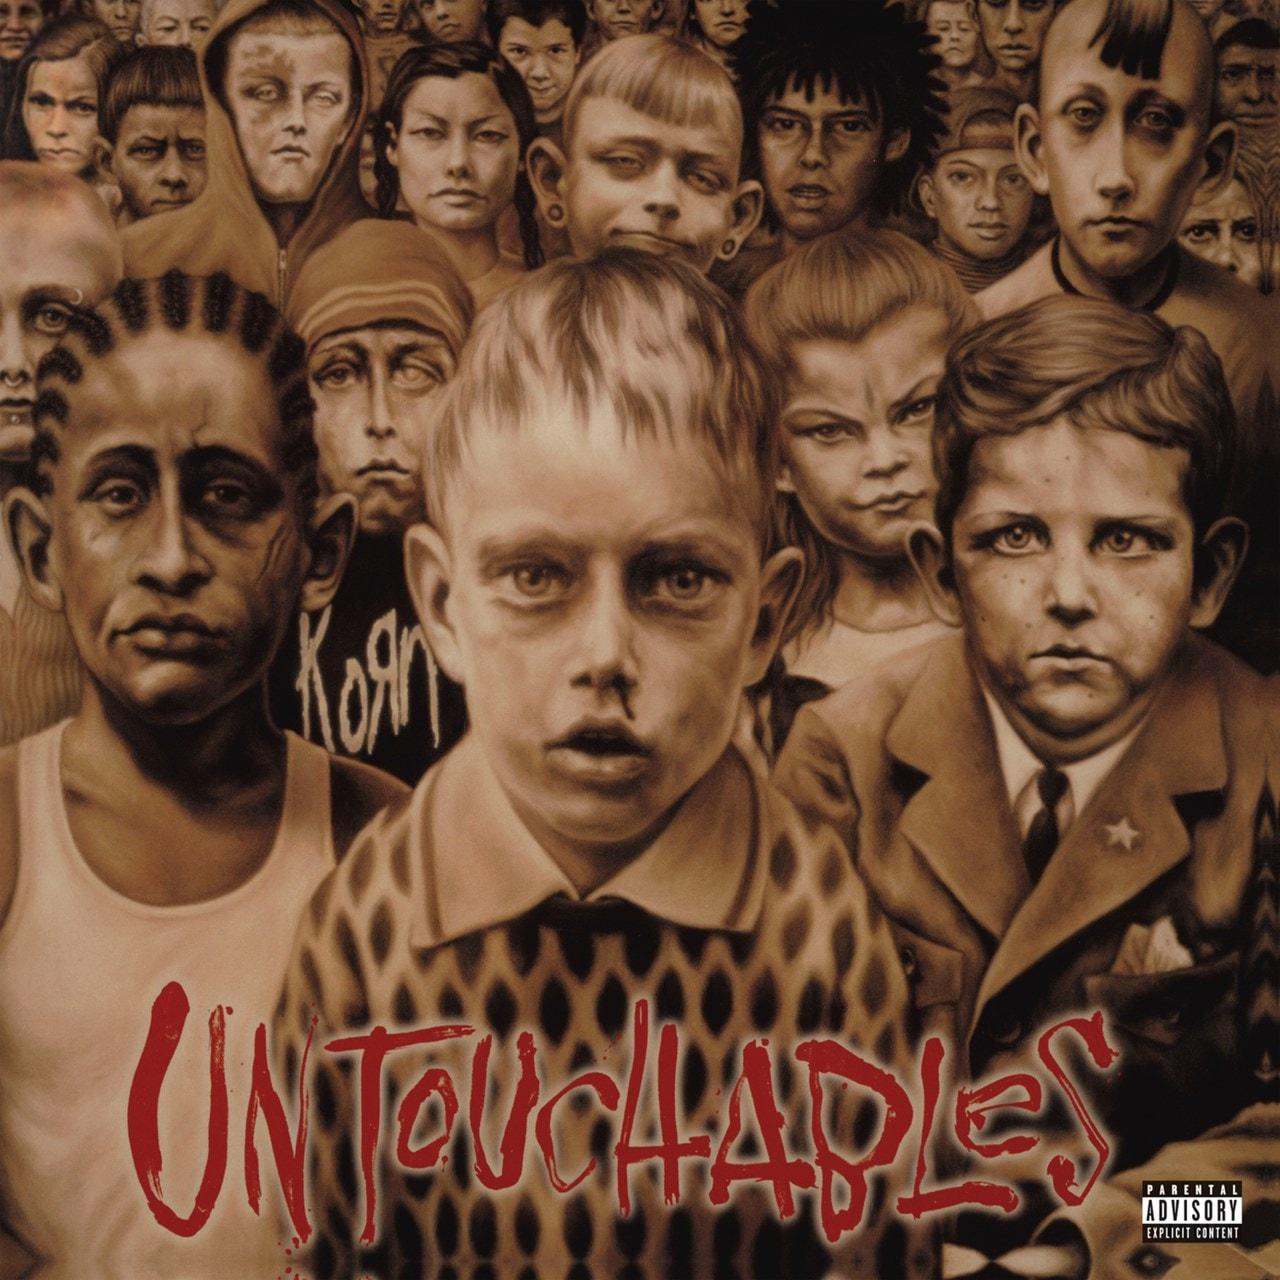 Untouchables - 1